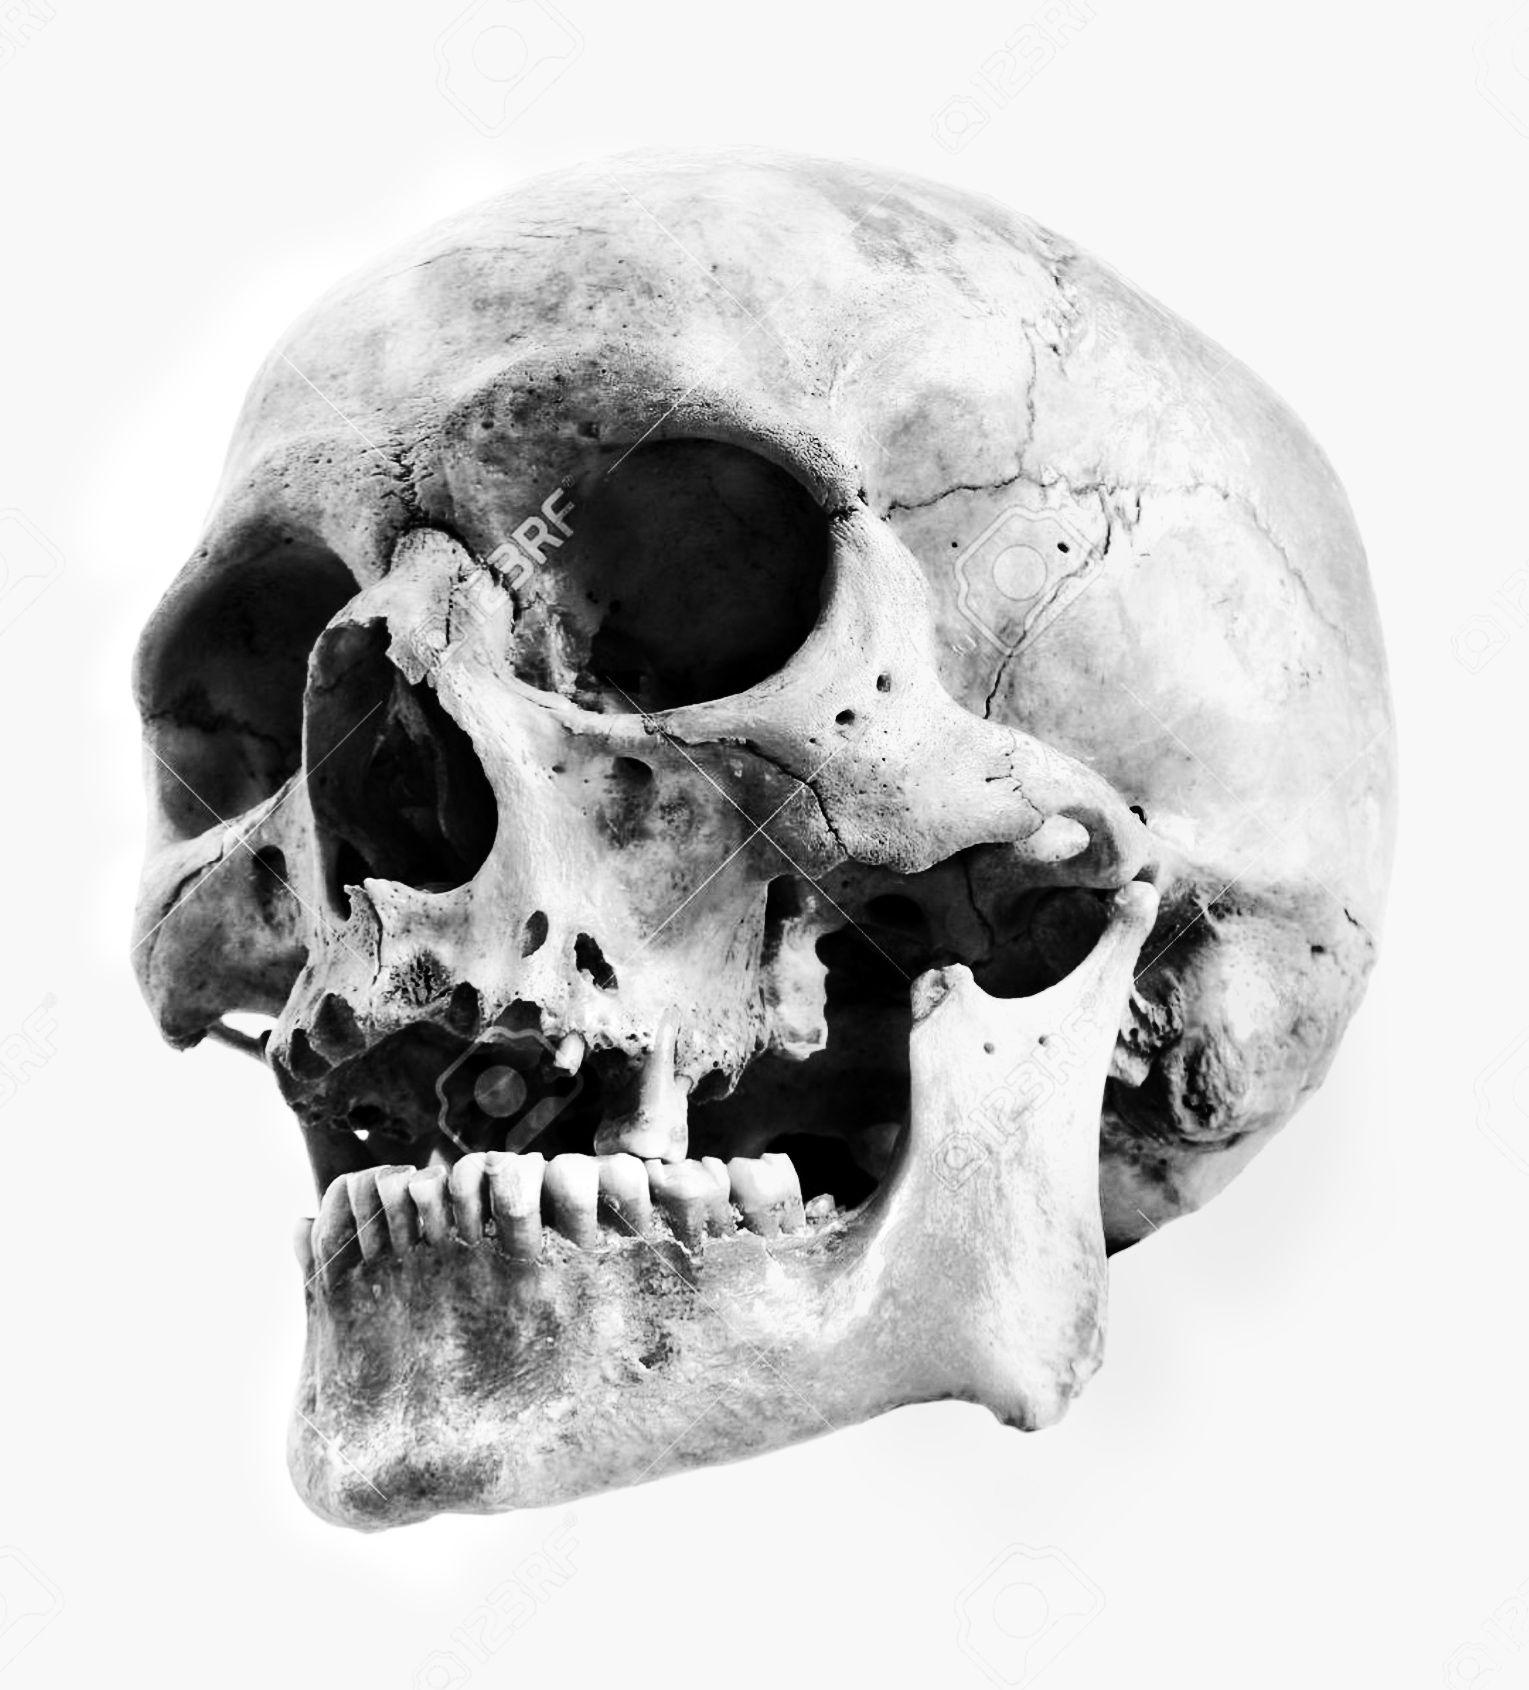 Pin von niko zed auf Skulls | Pinterest | Schädel, Totenköpfe und ...